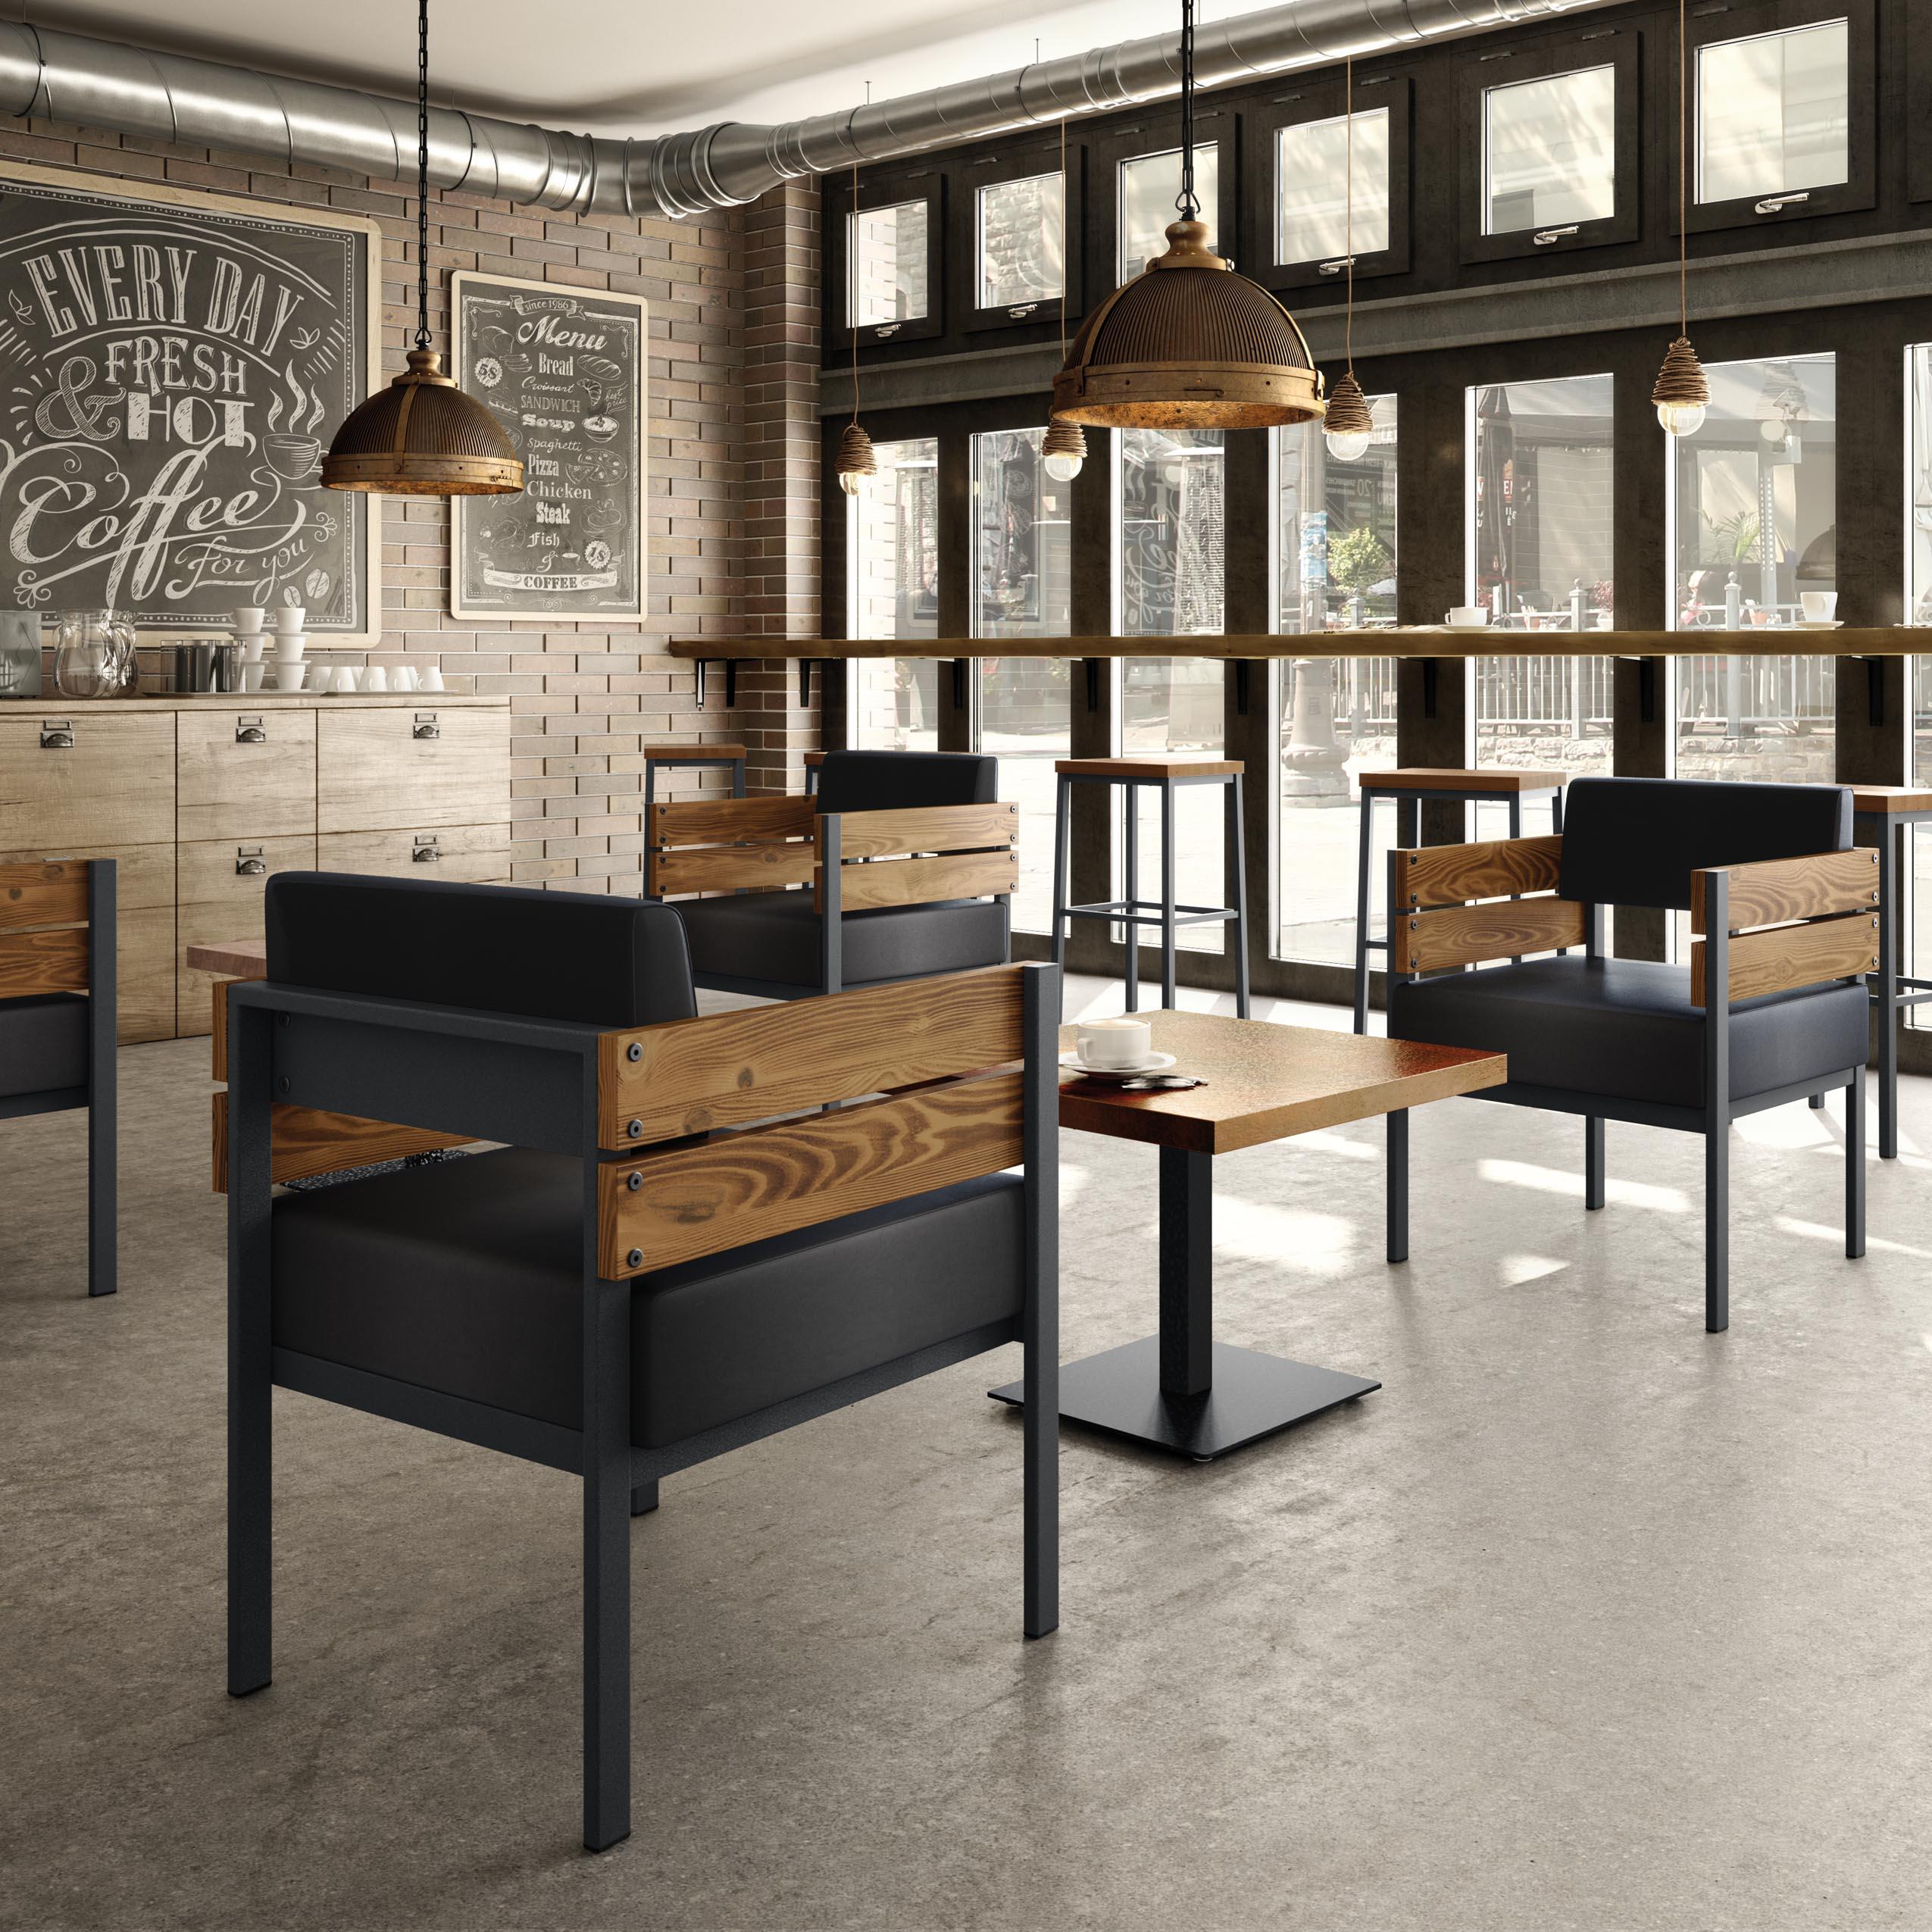 industrial design furniture - HD1275×1275